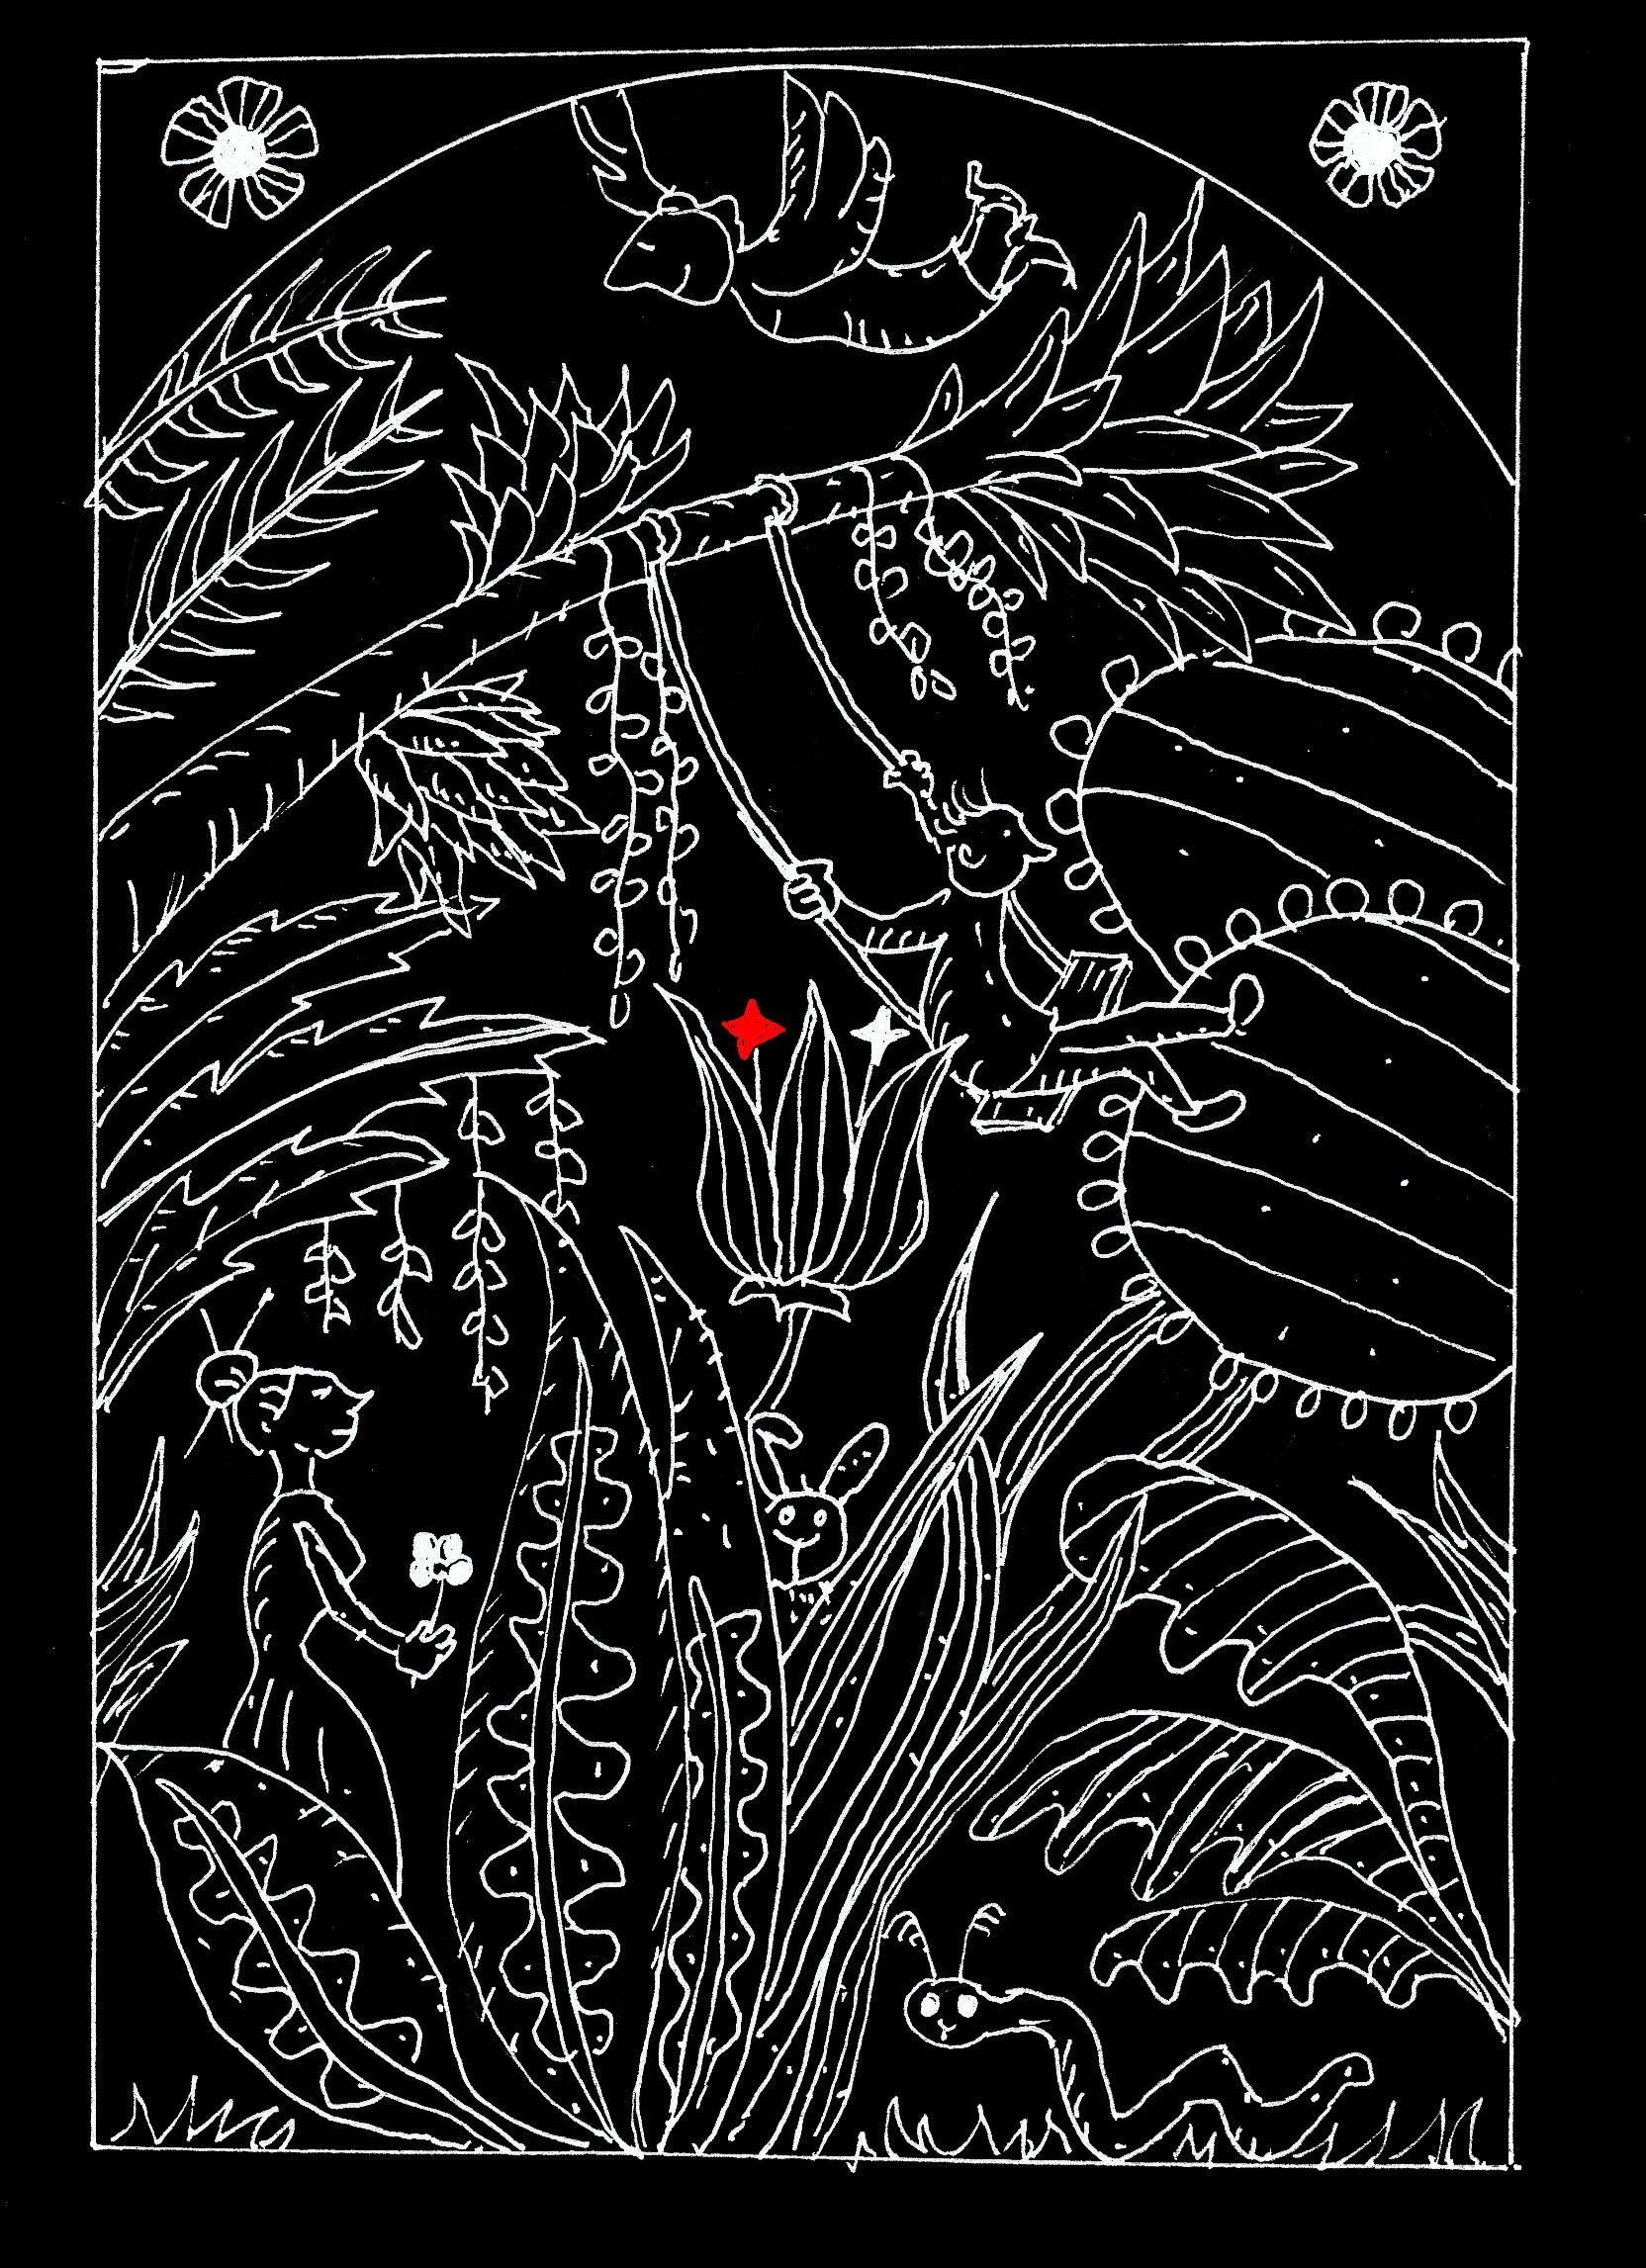 X Sch 21 Flora Mohr 1